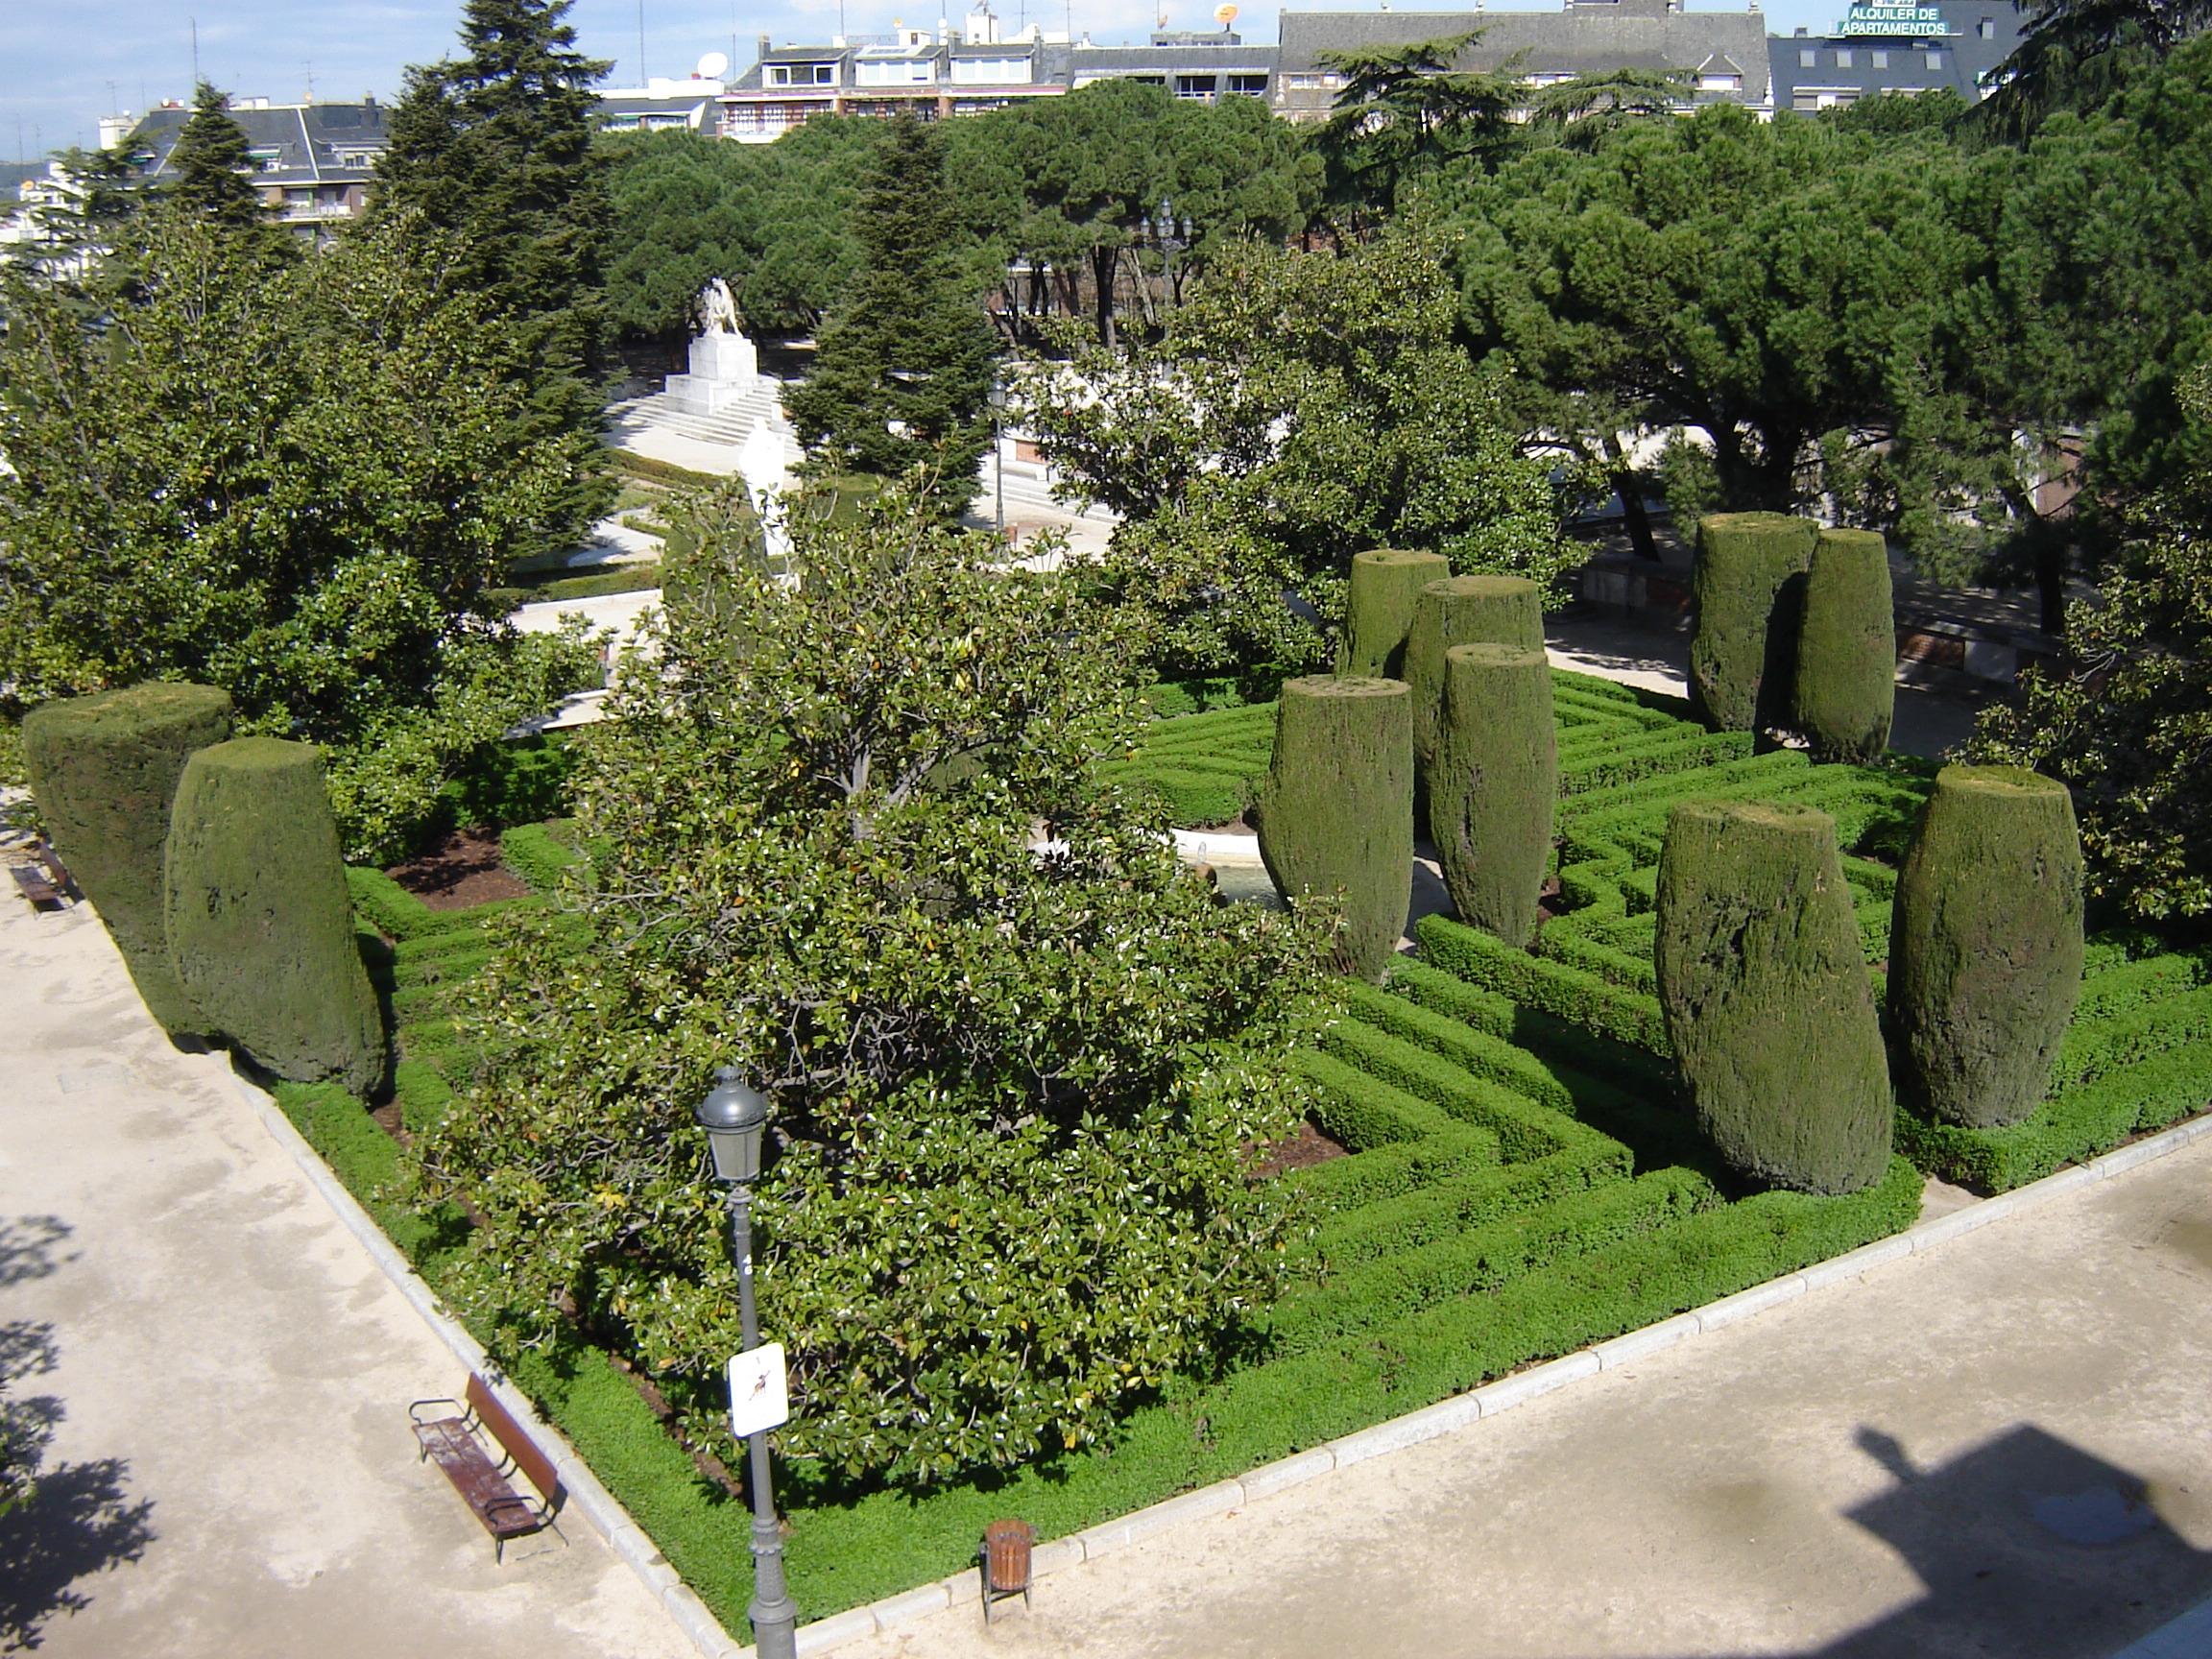 Jard nes espa oles for Jardines de sabatini conciertos 2017